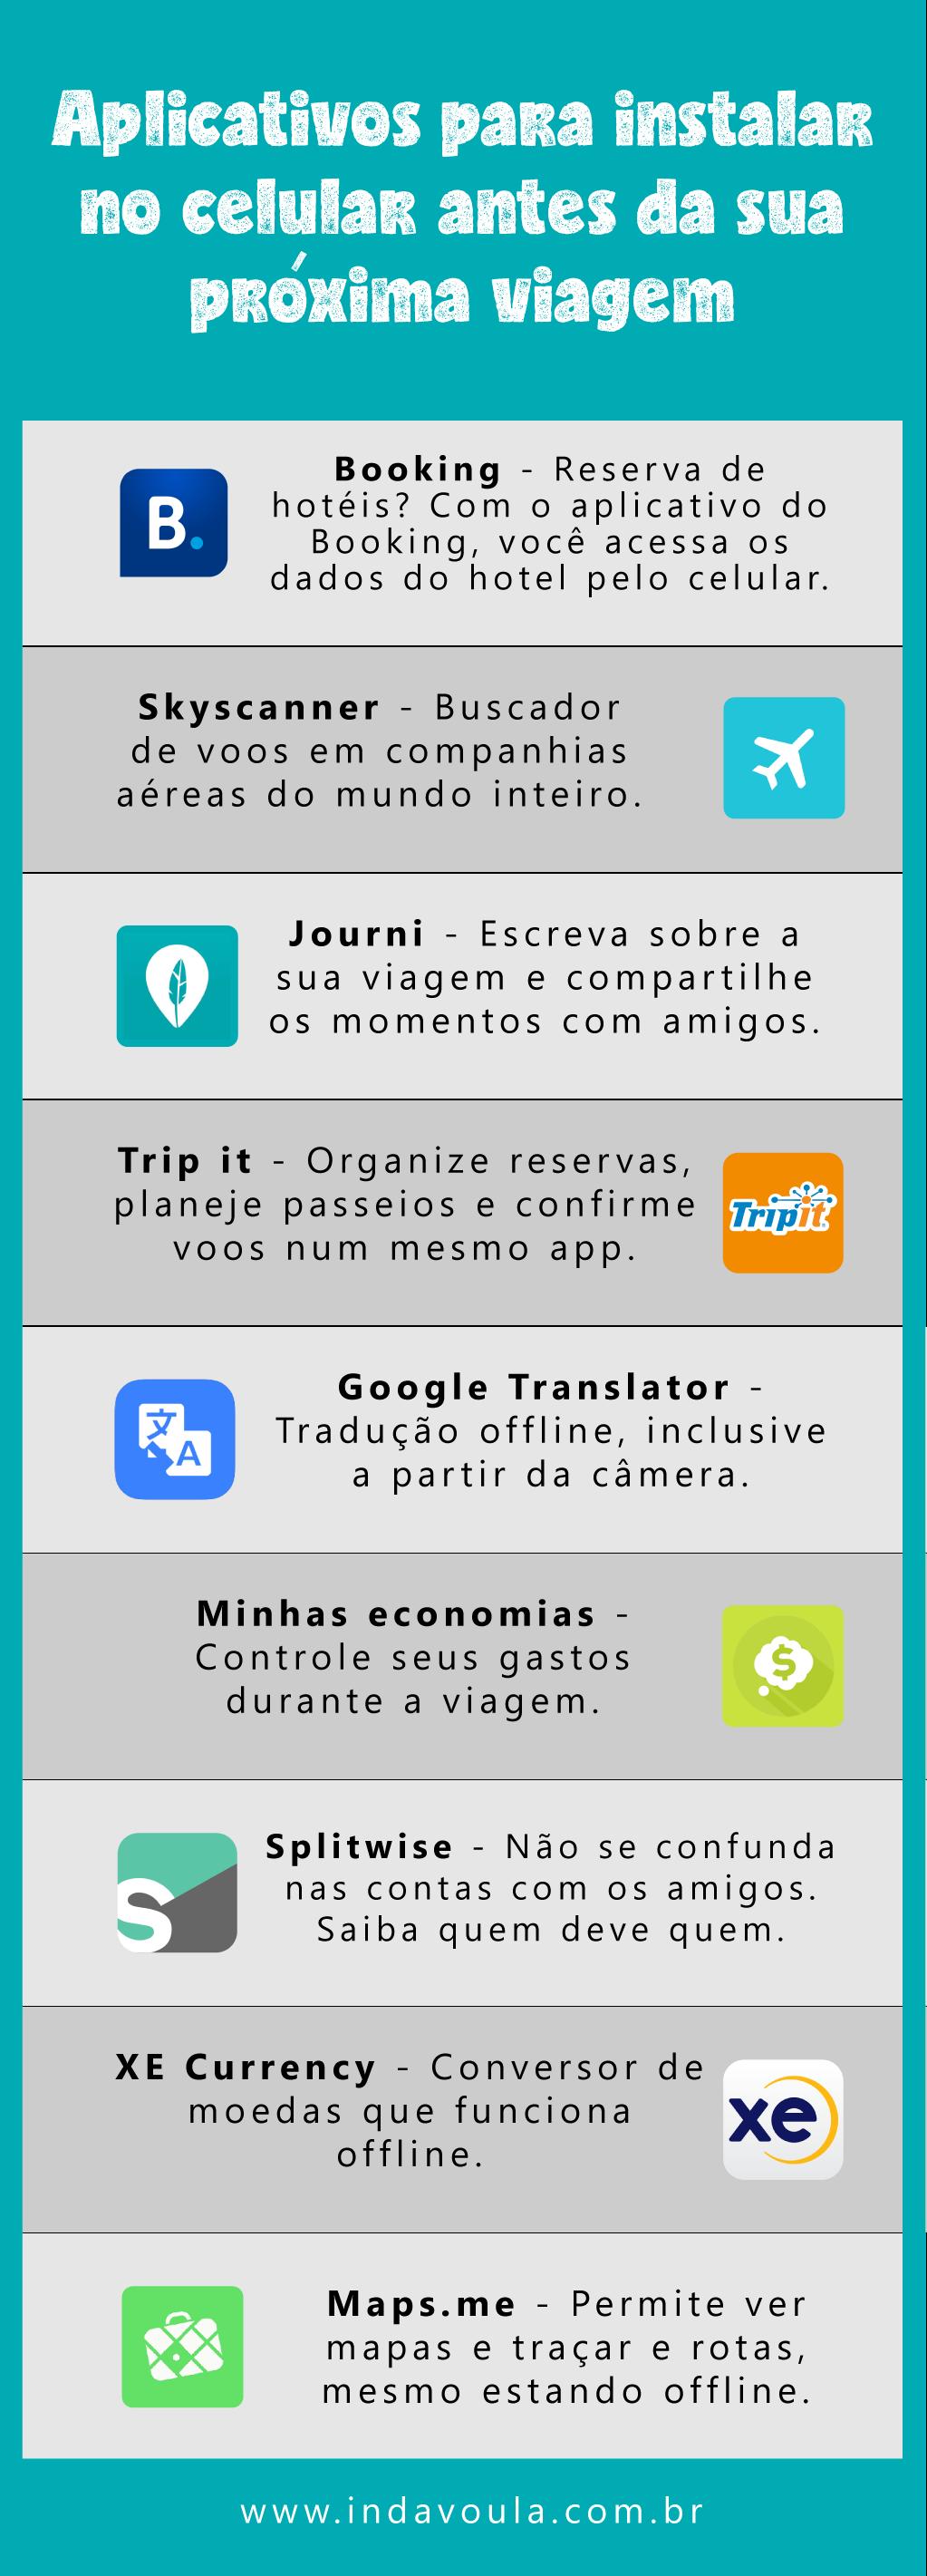 Apps de viagem: Guia dos melhores aplicativos para usar em 2019